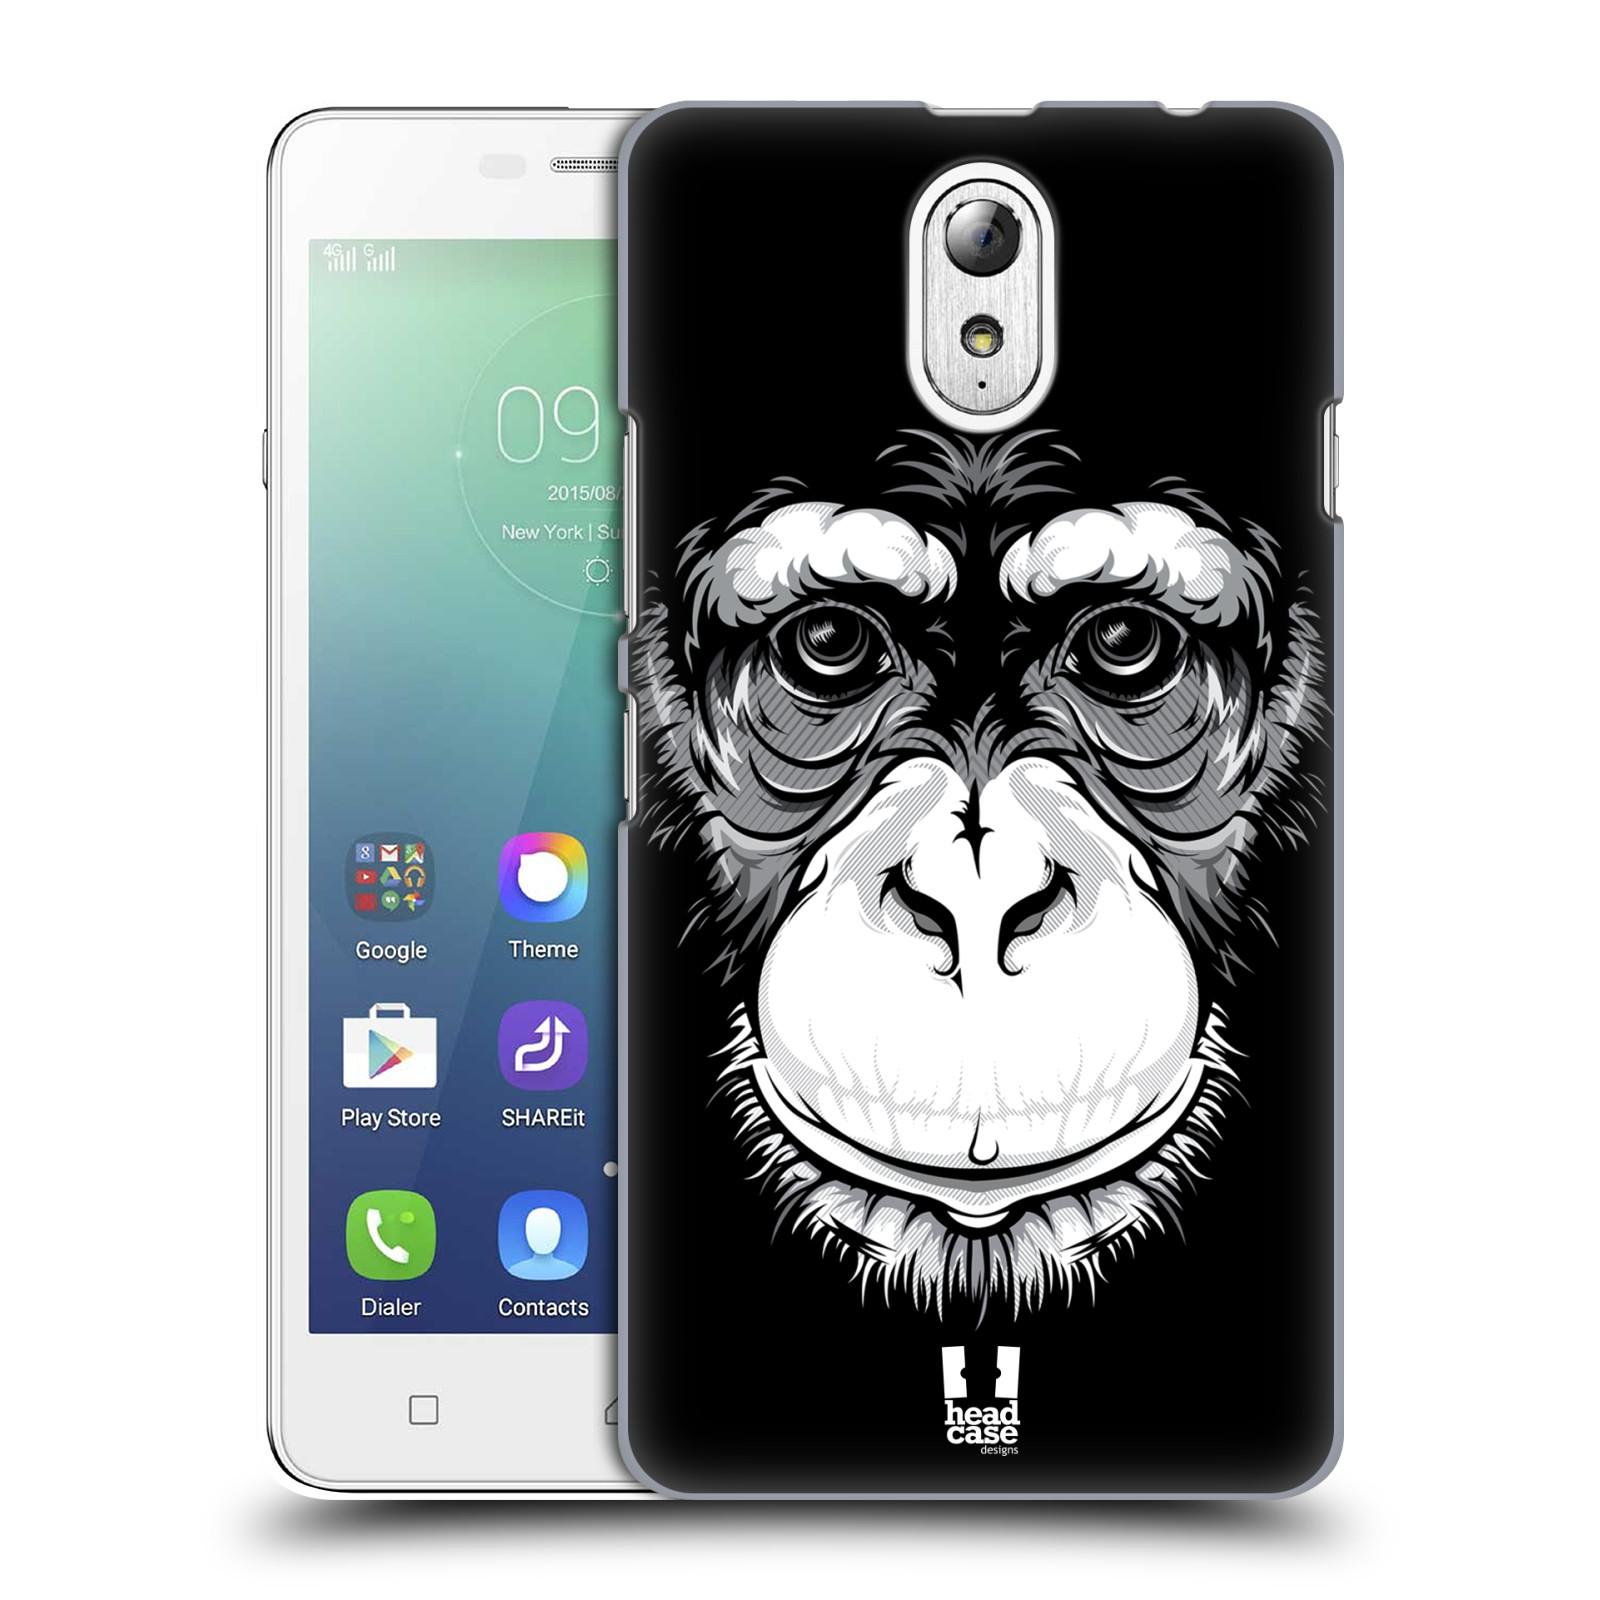 HEAD CASE pevný plastový obal na mobil LENOVO VIBE P1m / LENOVO VIBE p1m DUAL SIM vzor Zvíře kreslená tvář šimpanz